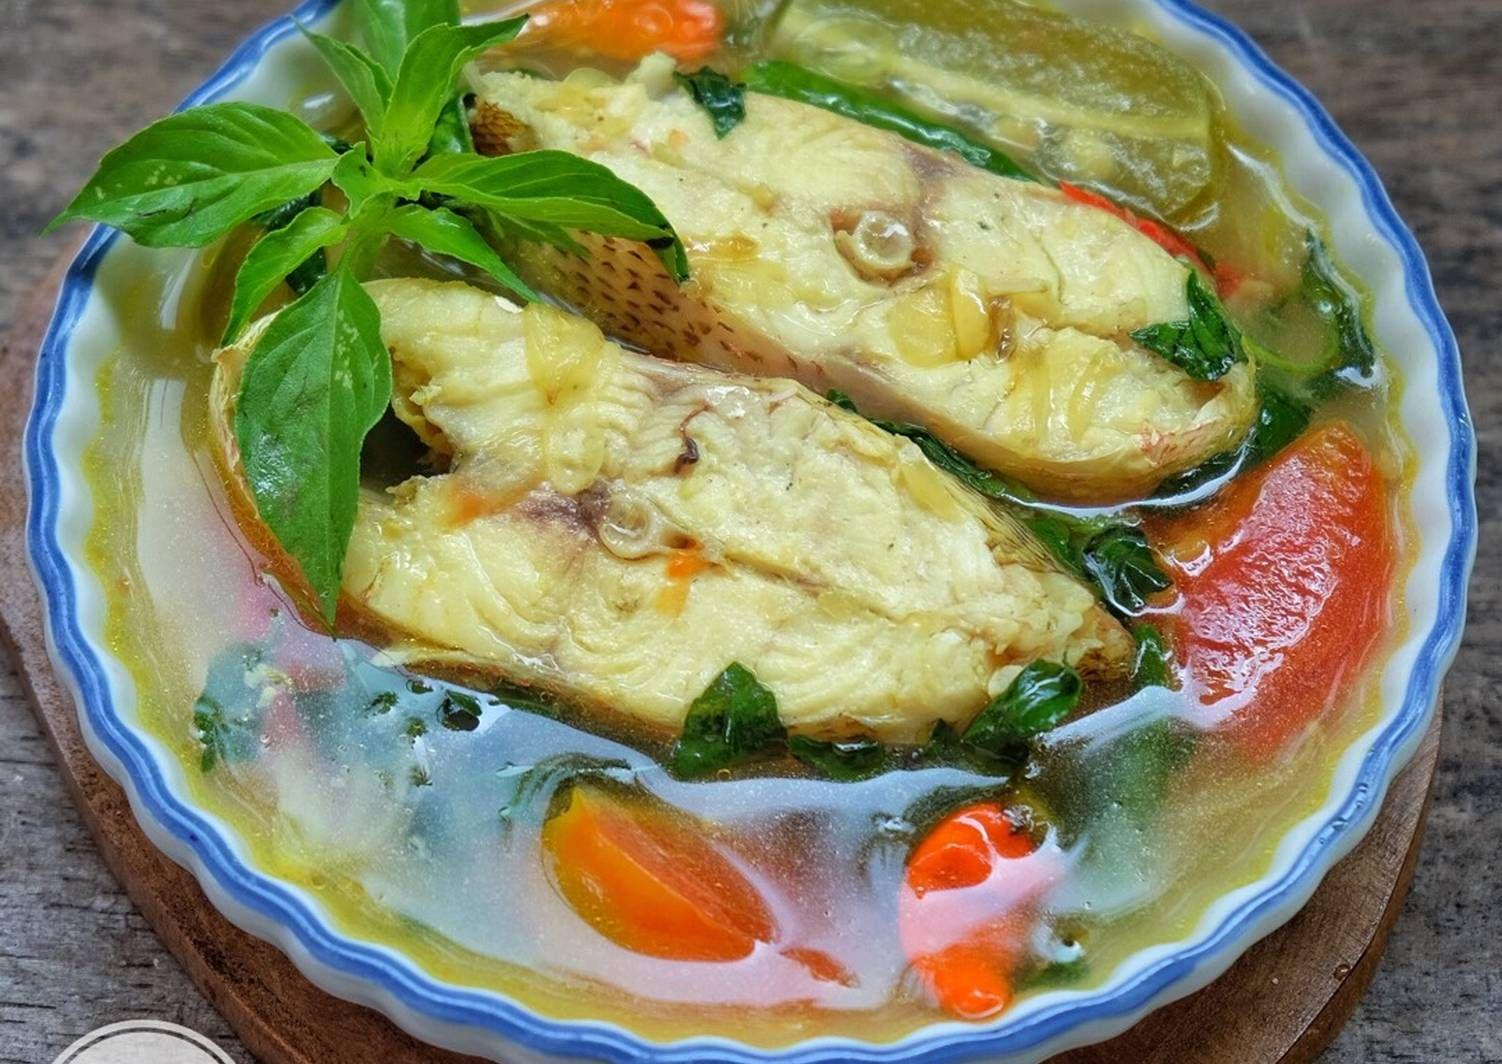 Resep Pindang Serani Khas Jepara Oleh Susi Agung Resep Resep Masakan Resep Ikan Resep Sederhana